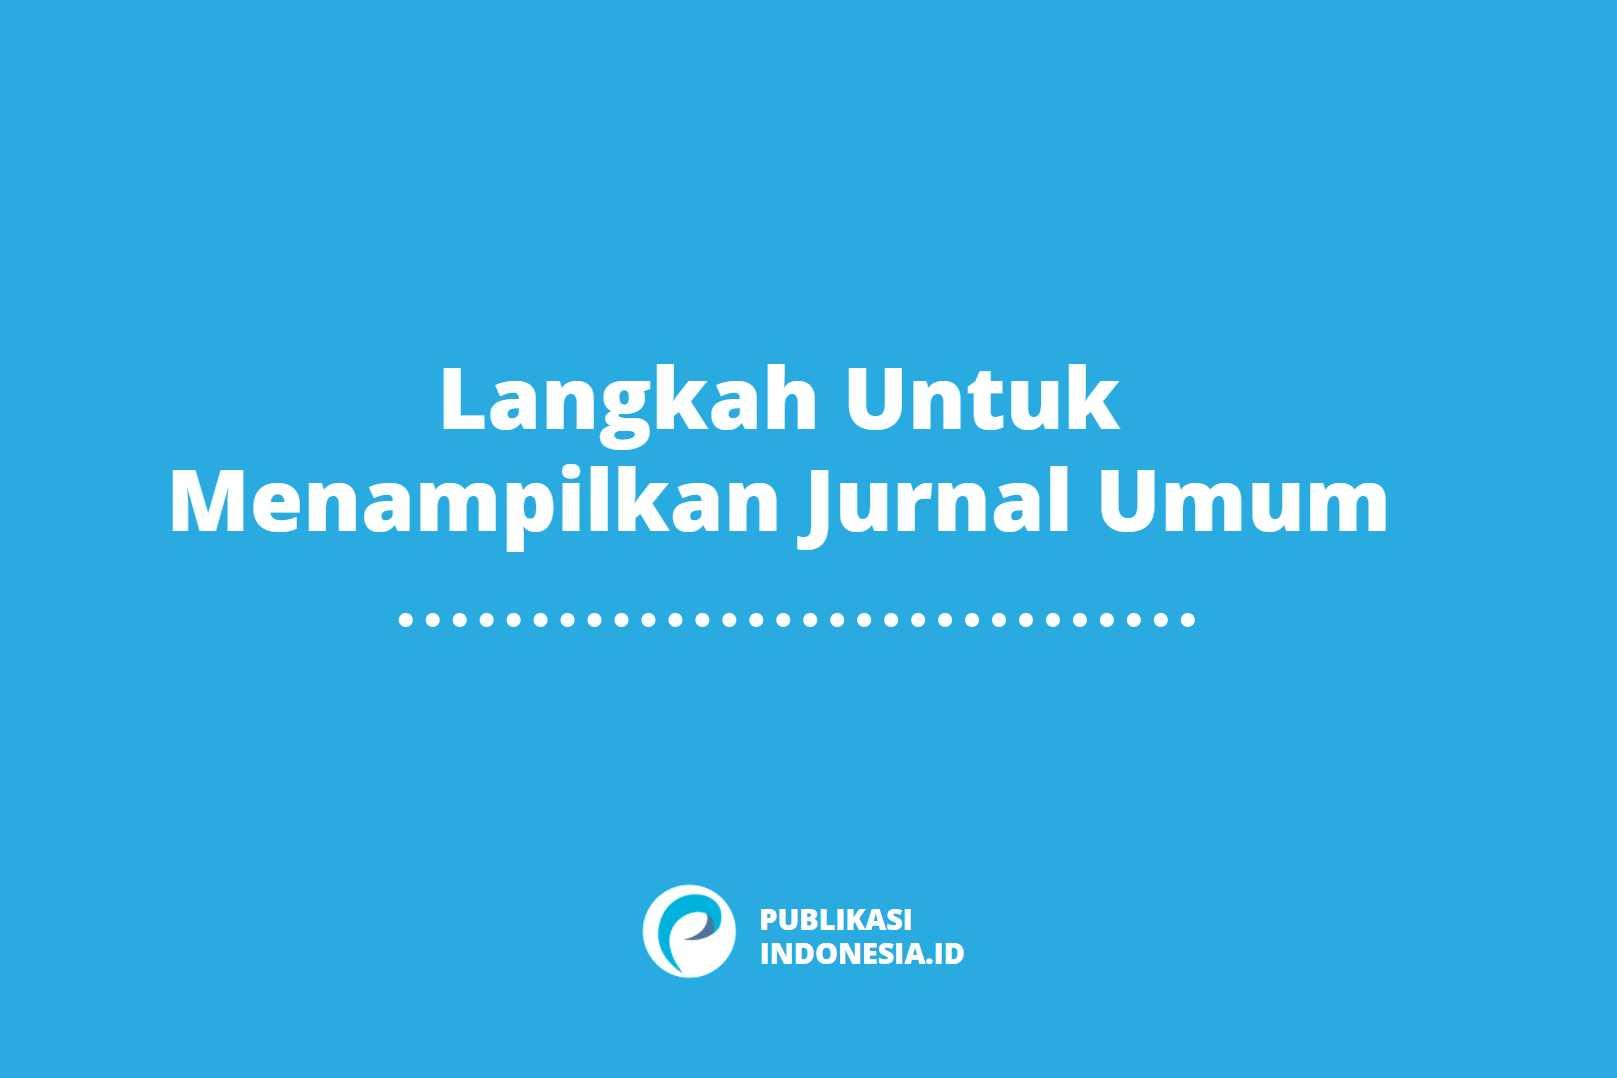 langkah untuk menampilkan jurnal umum